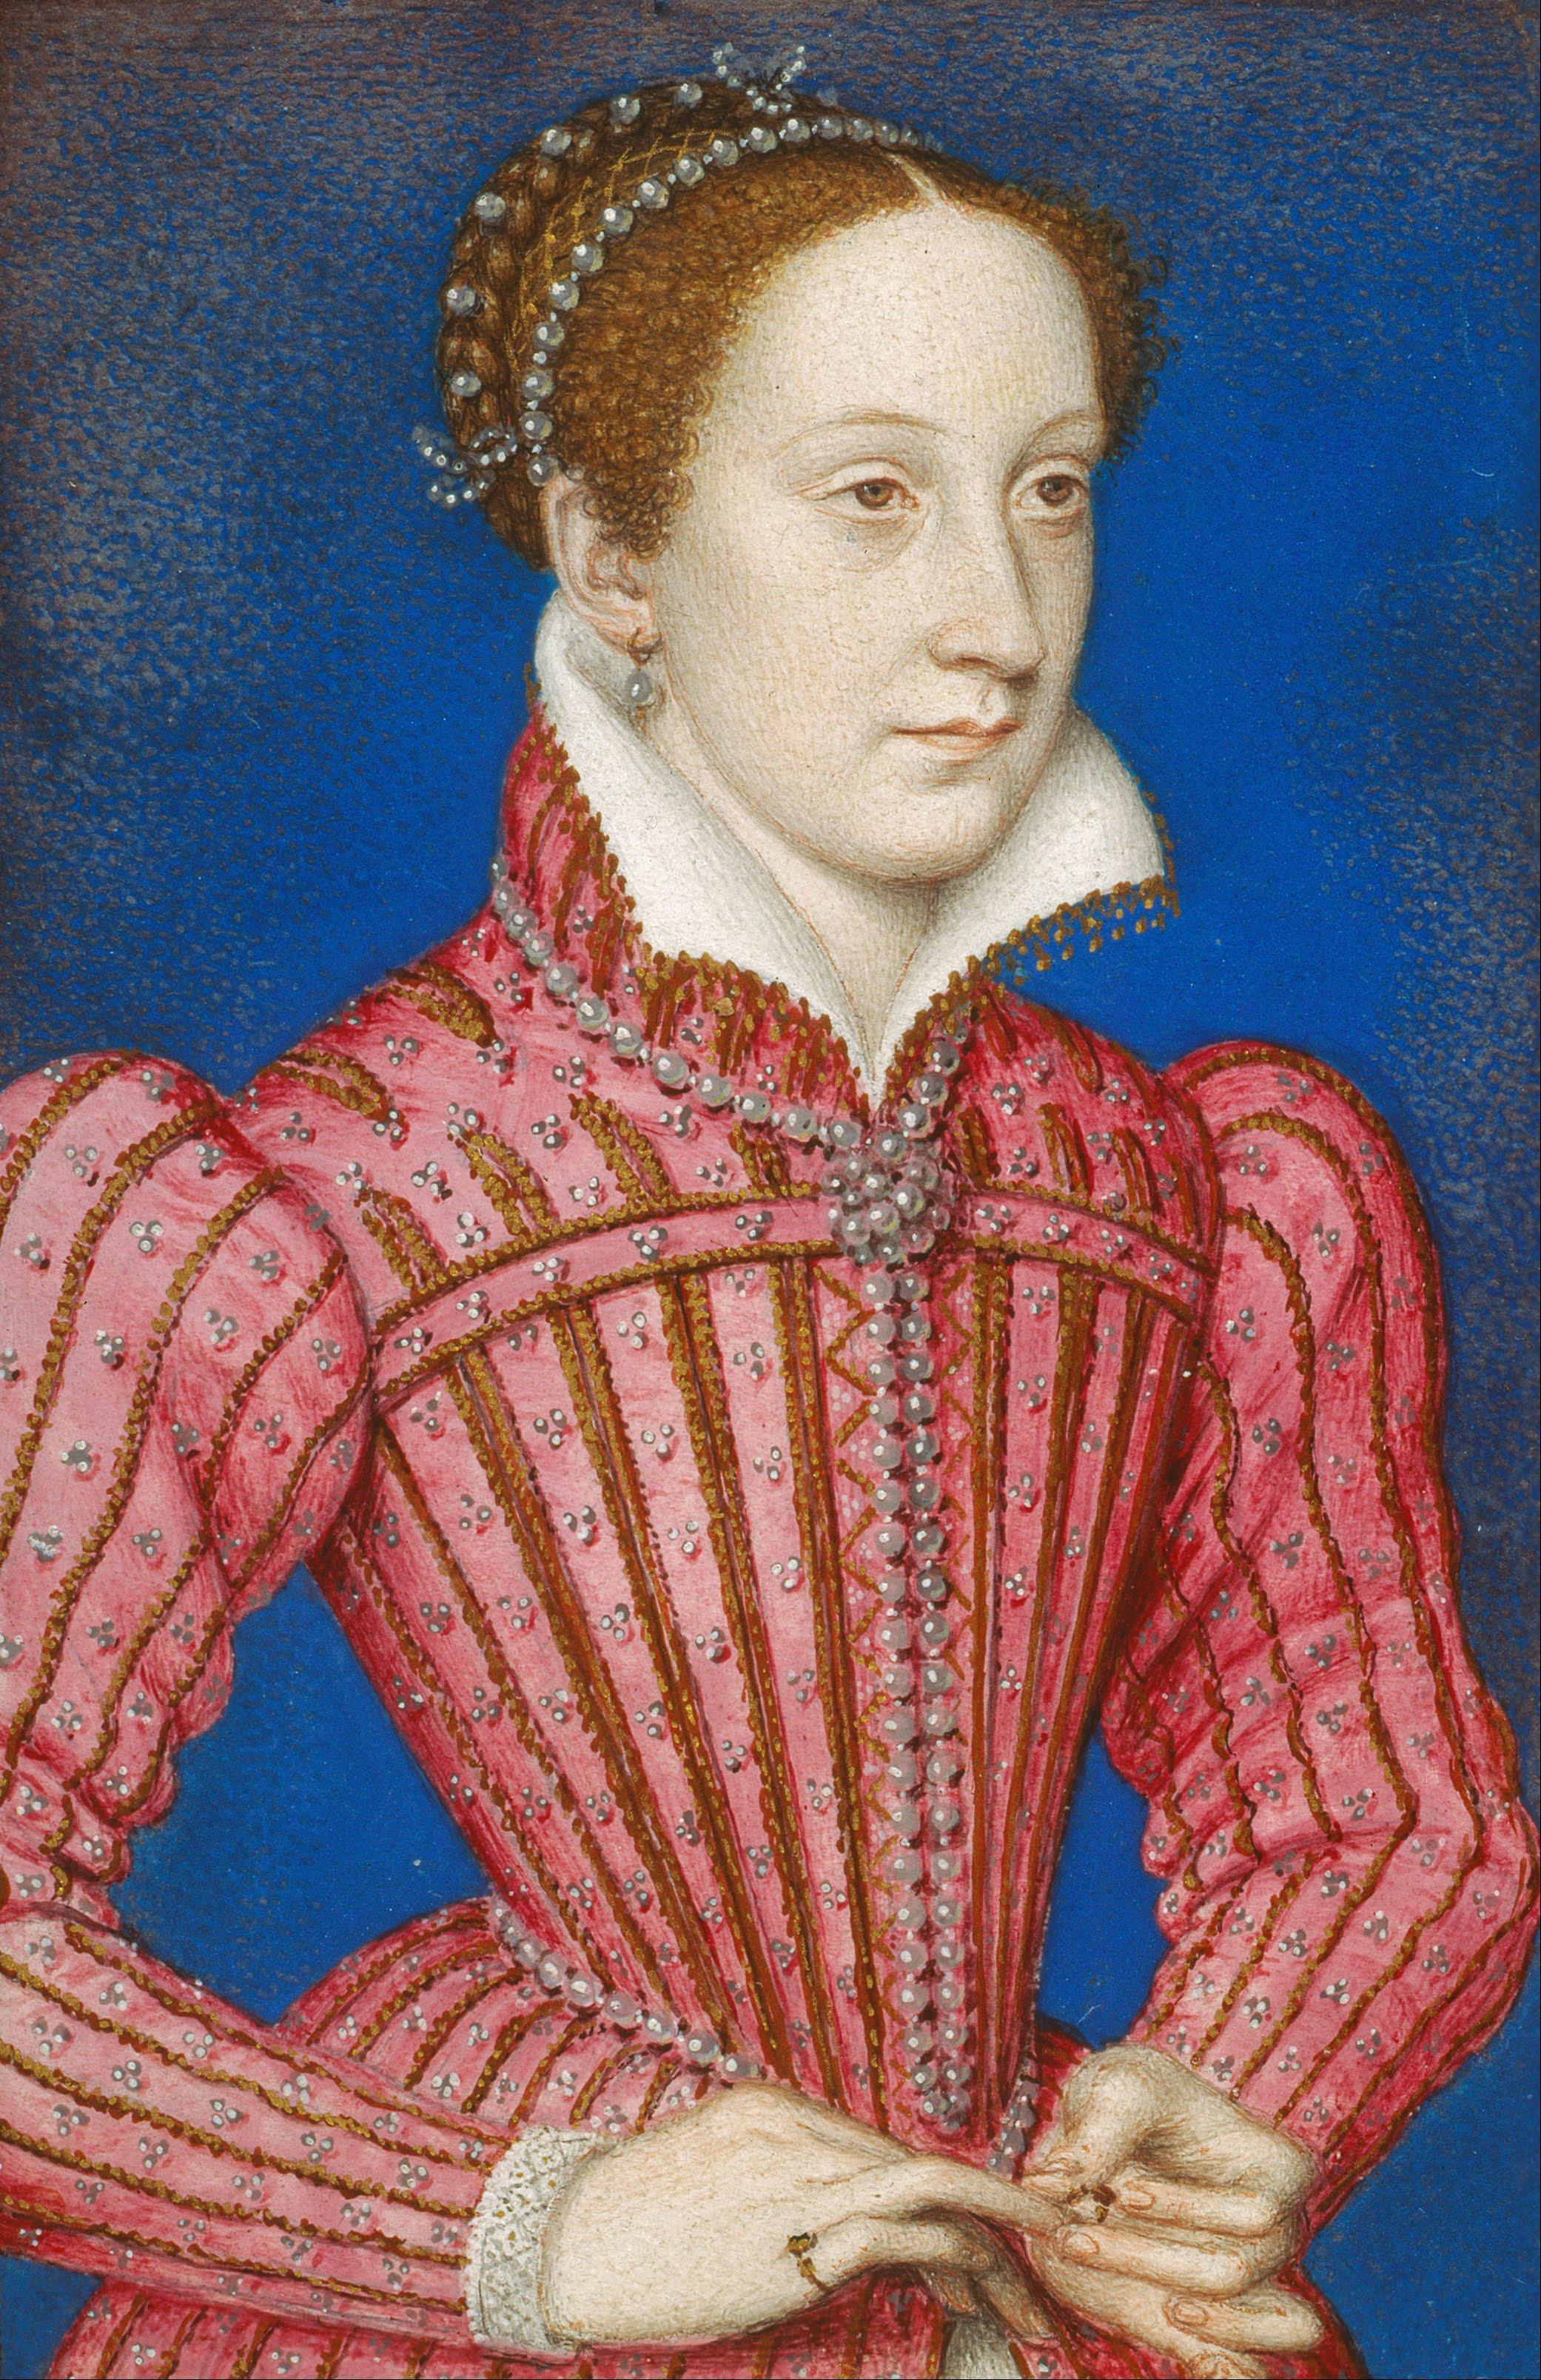 Imperatriz Sissi: Maria, Rainha dos Escoceses, dixit